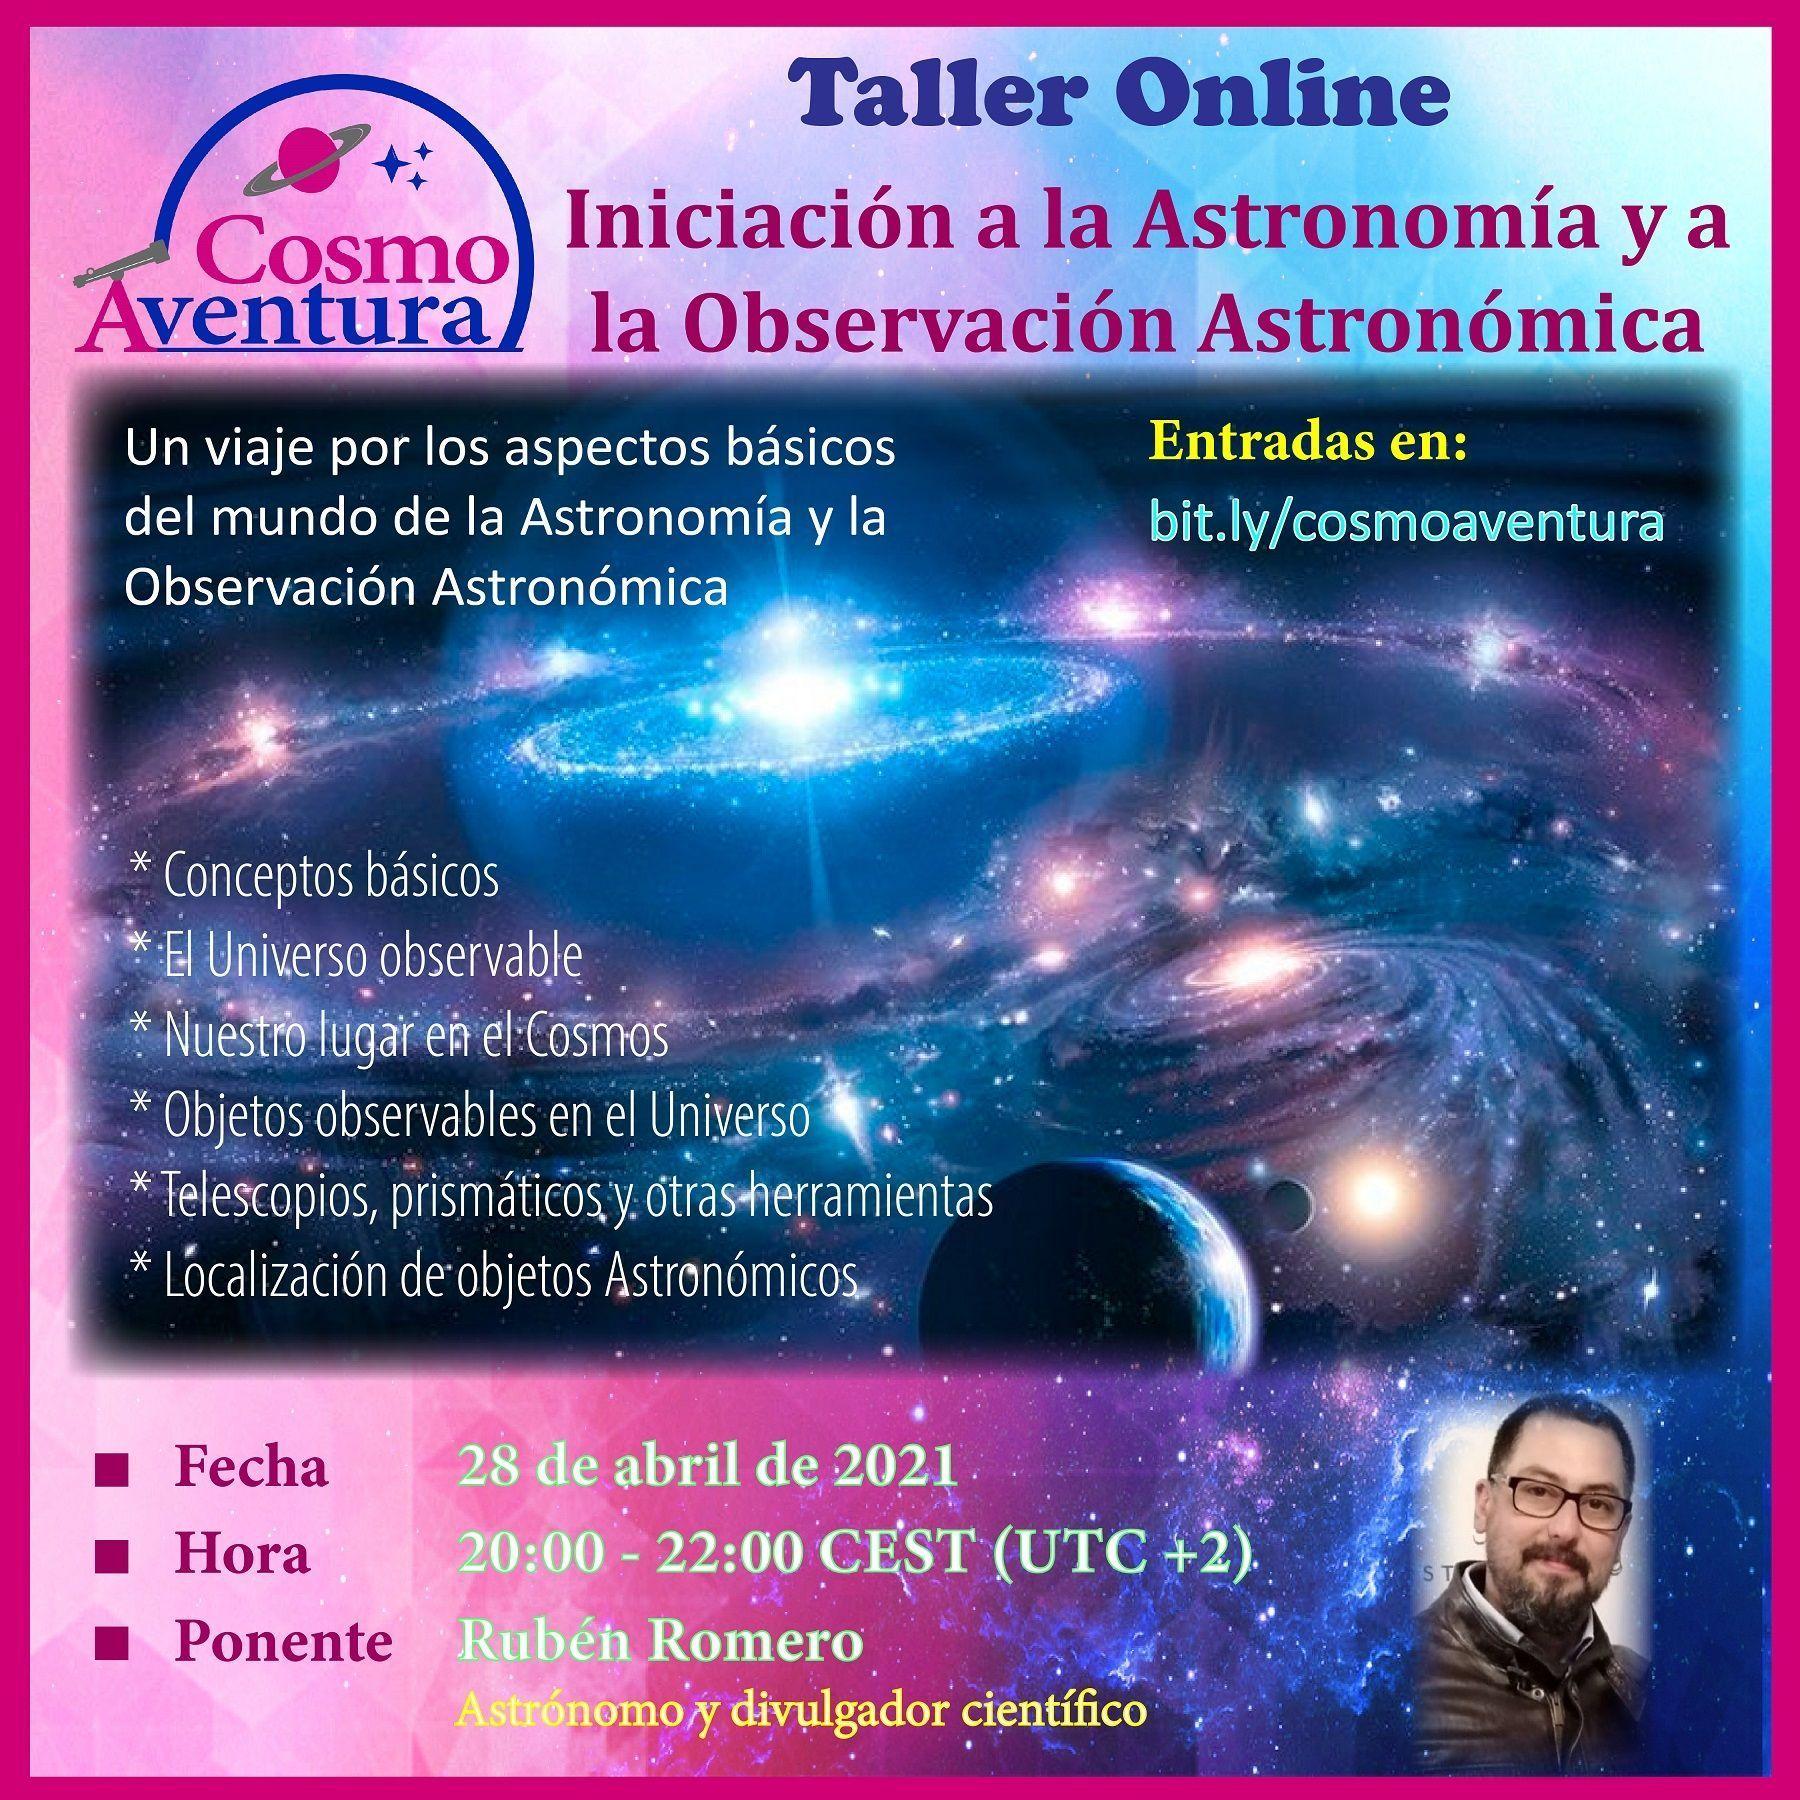 28-04-2021.- Taller Online: Iniciación a la Astronomía y a la Observación Astronómica